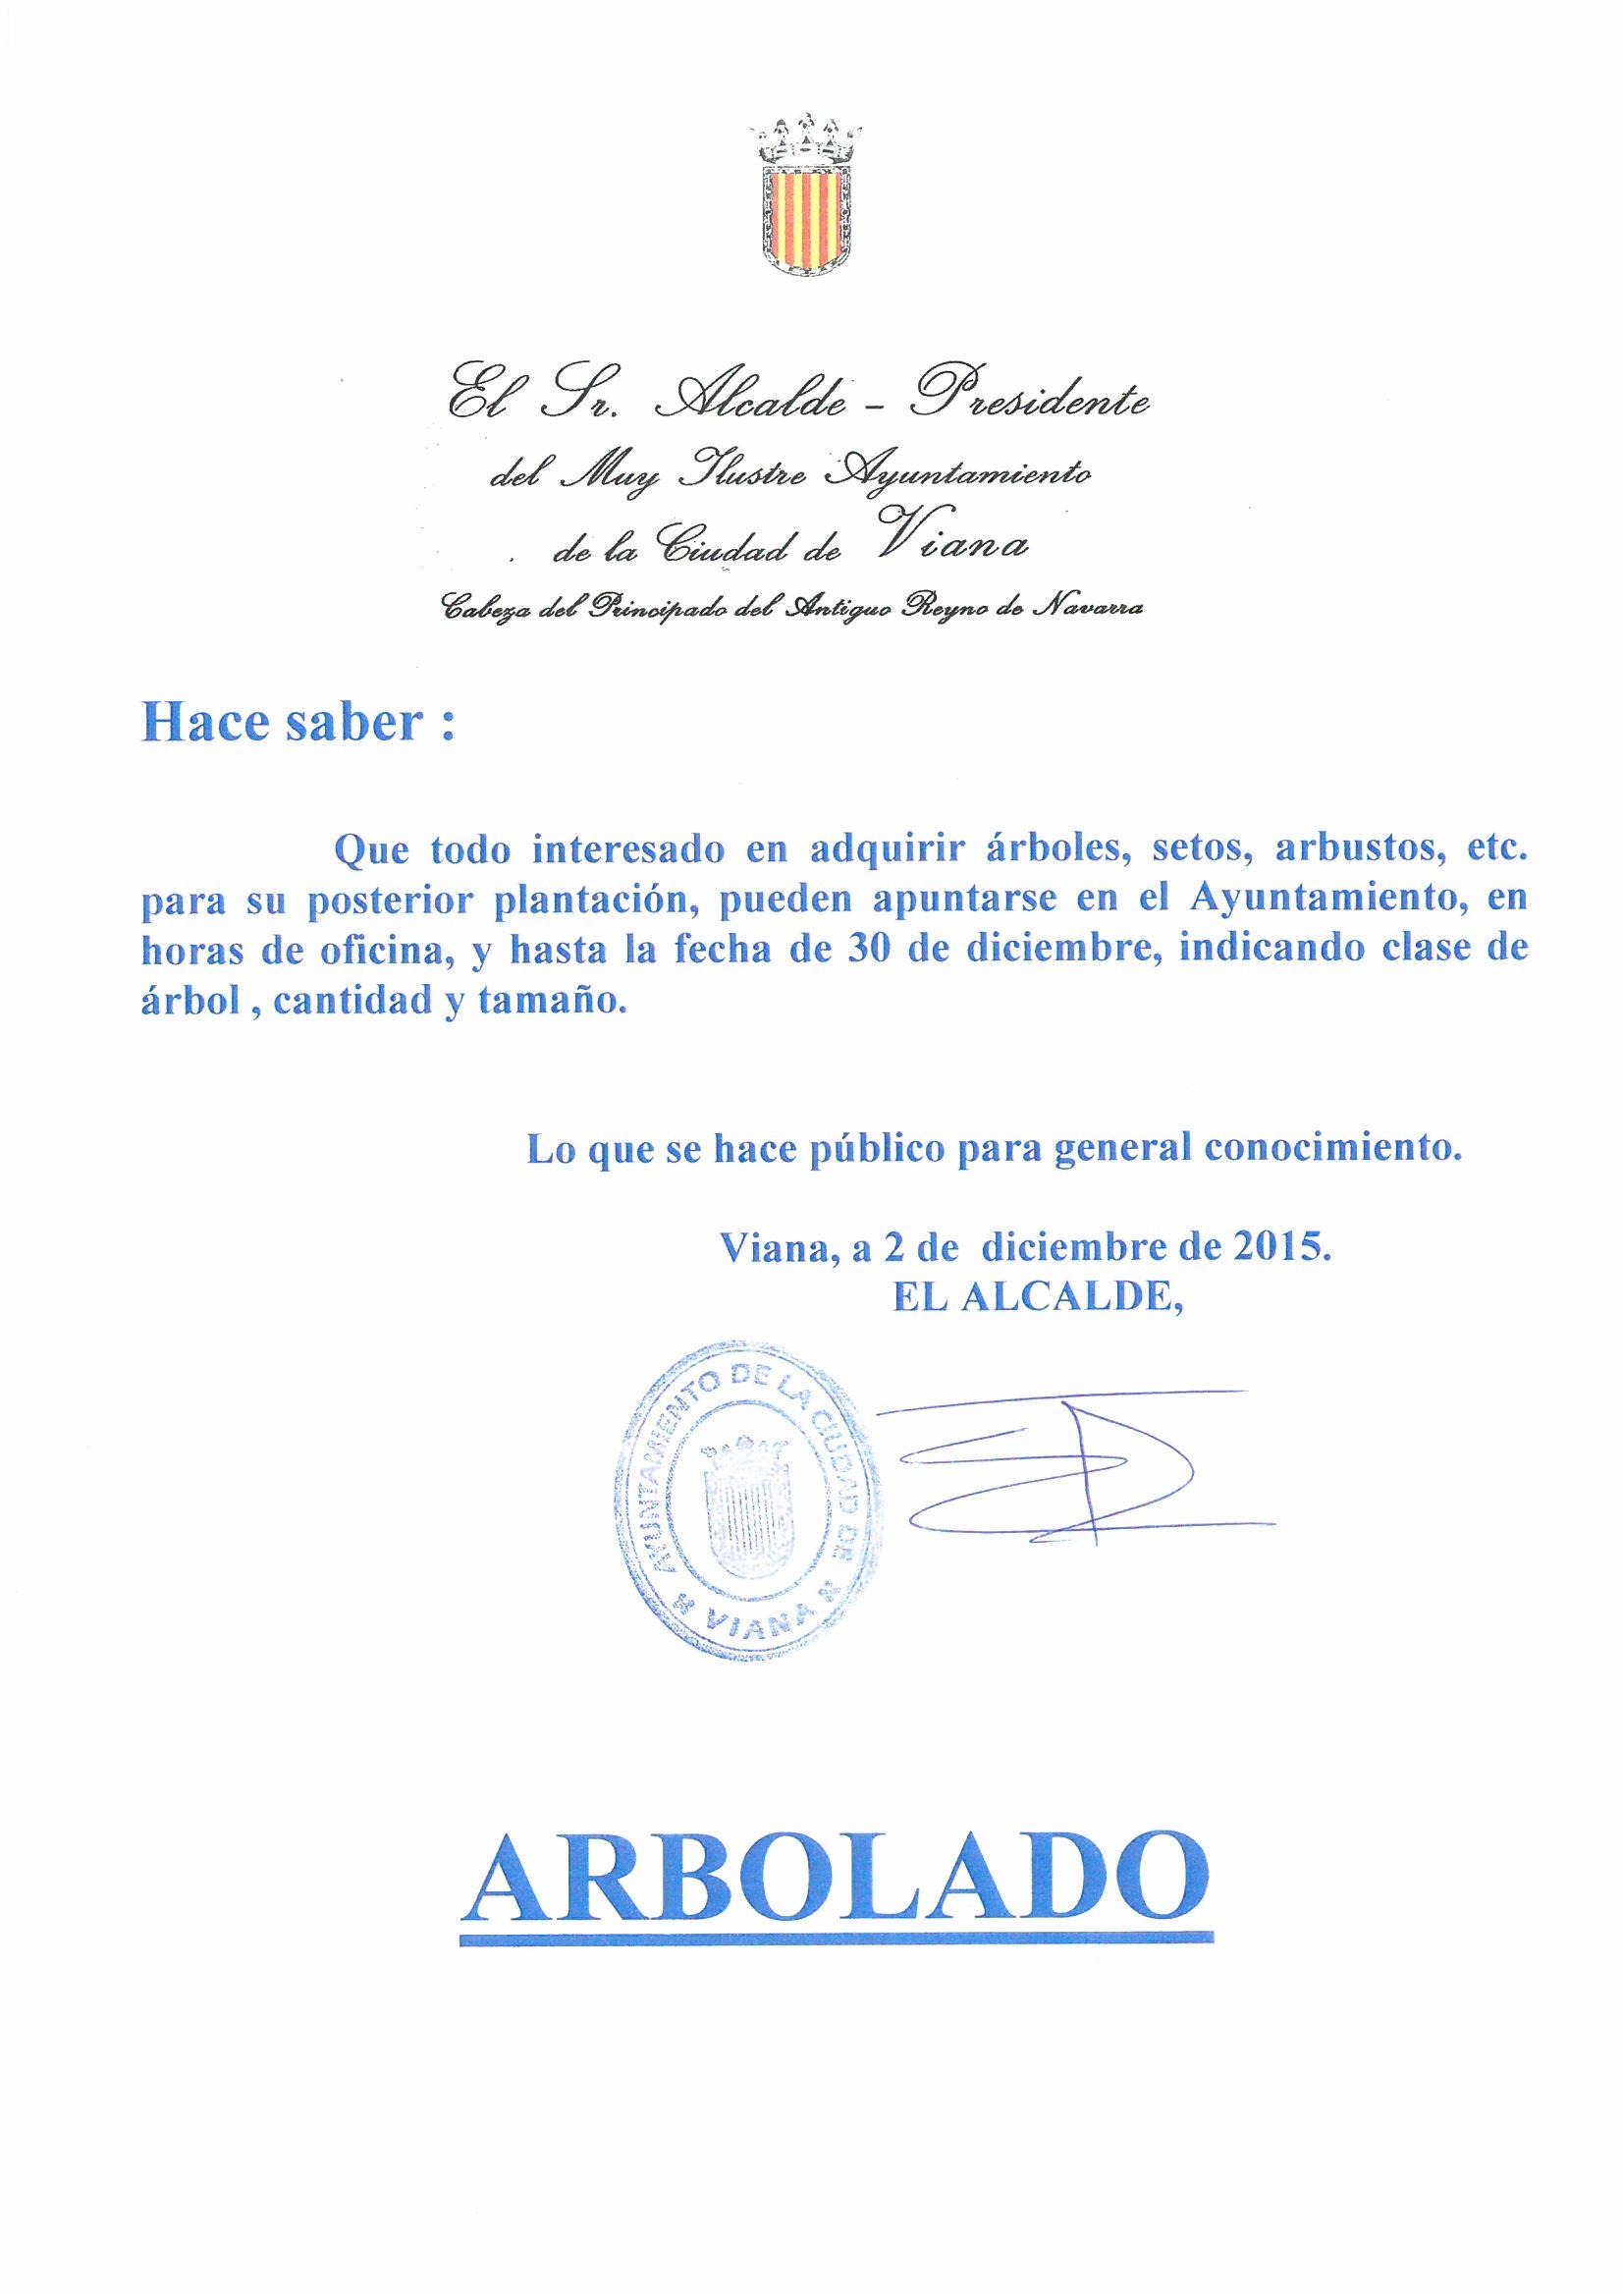 ARBOLADO 1